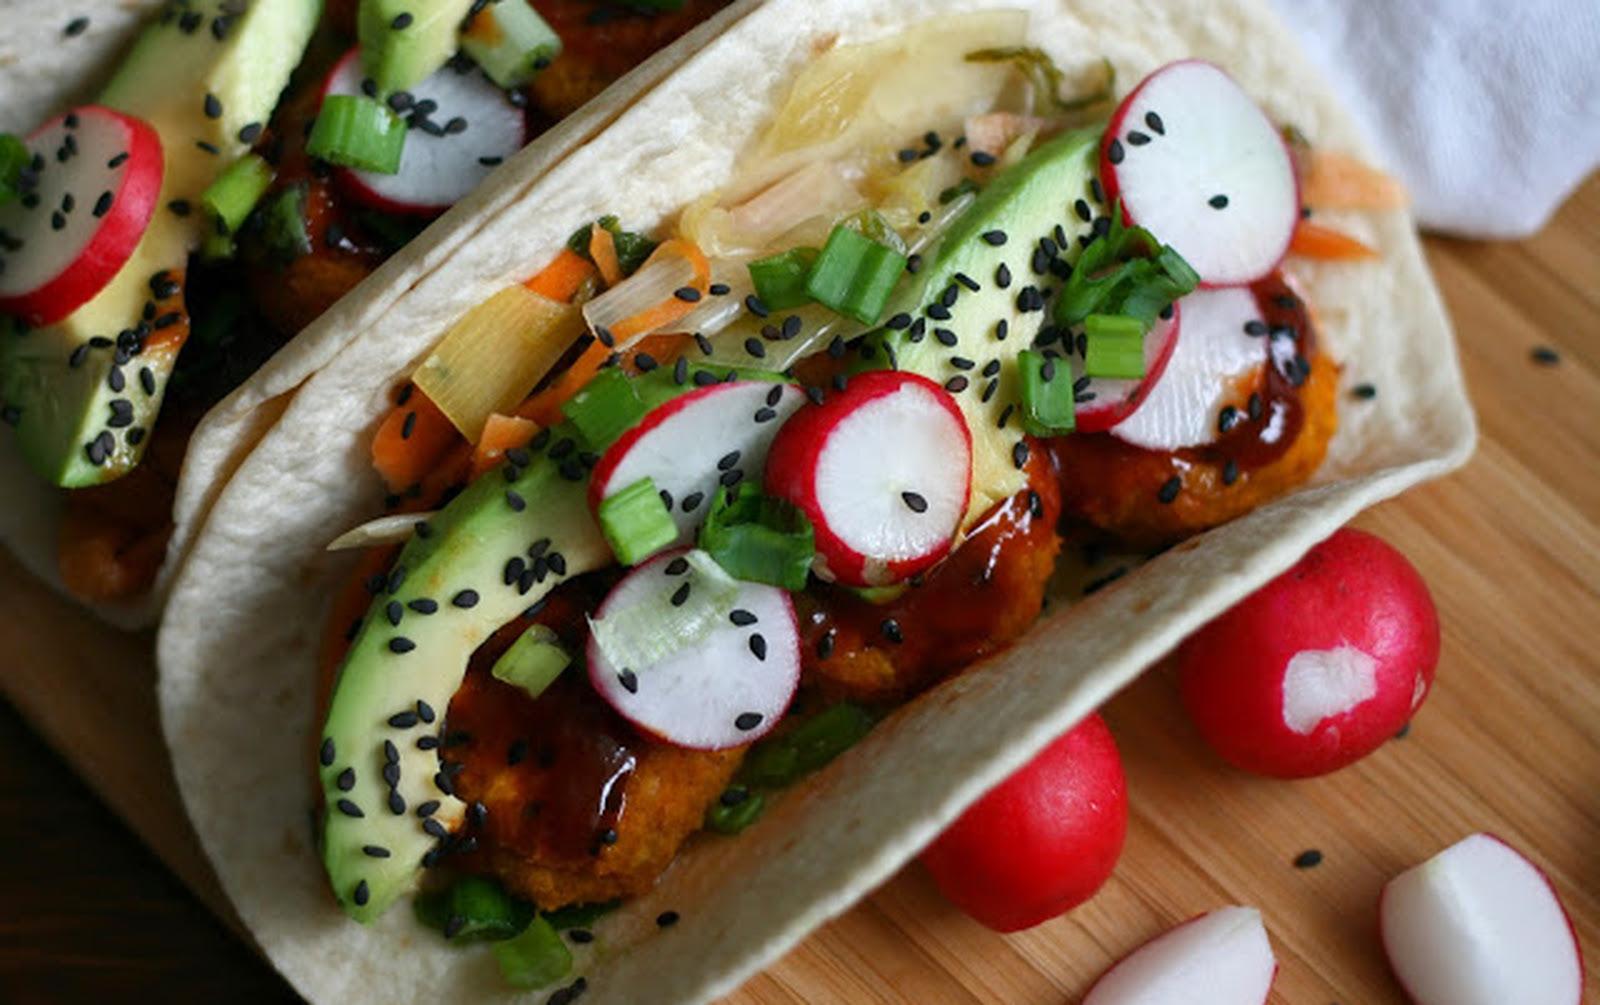 Korean Spicy Sweet Potato Falafel Tacos With White Kimchi [Vegan]